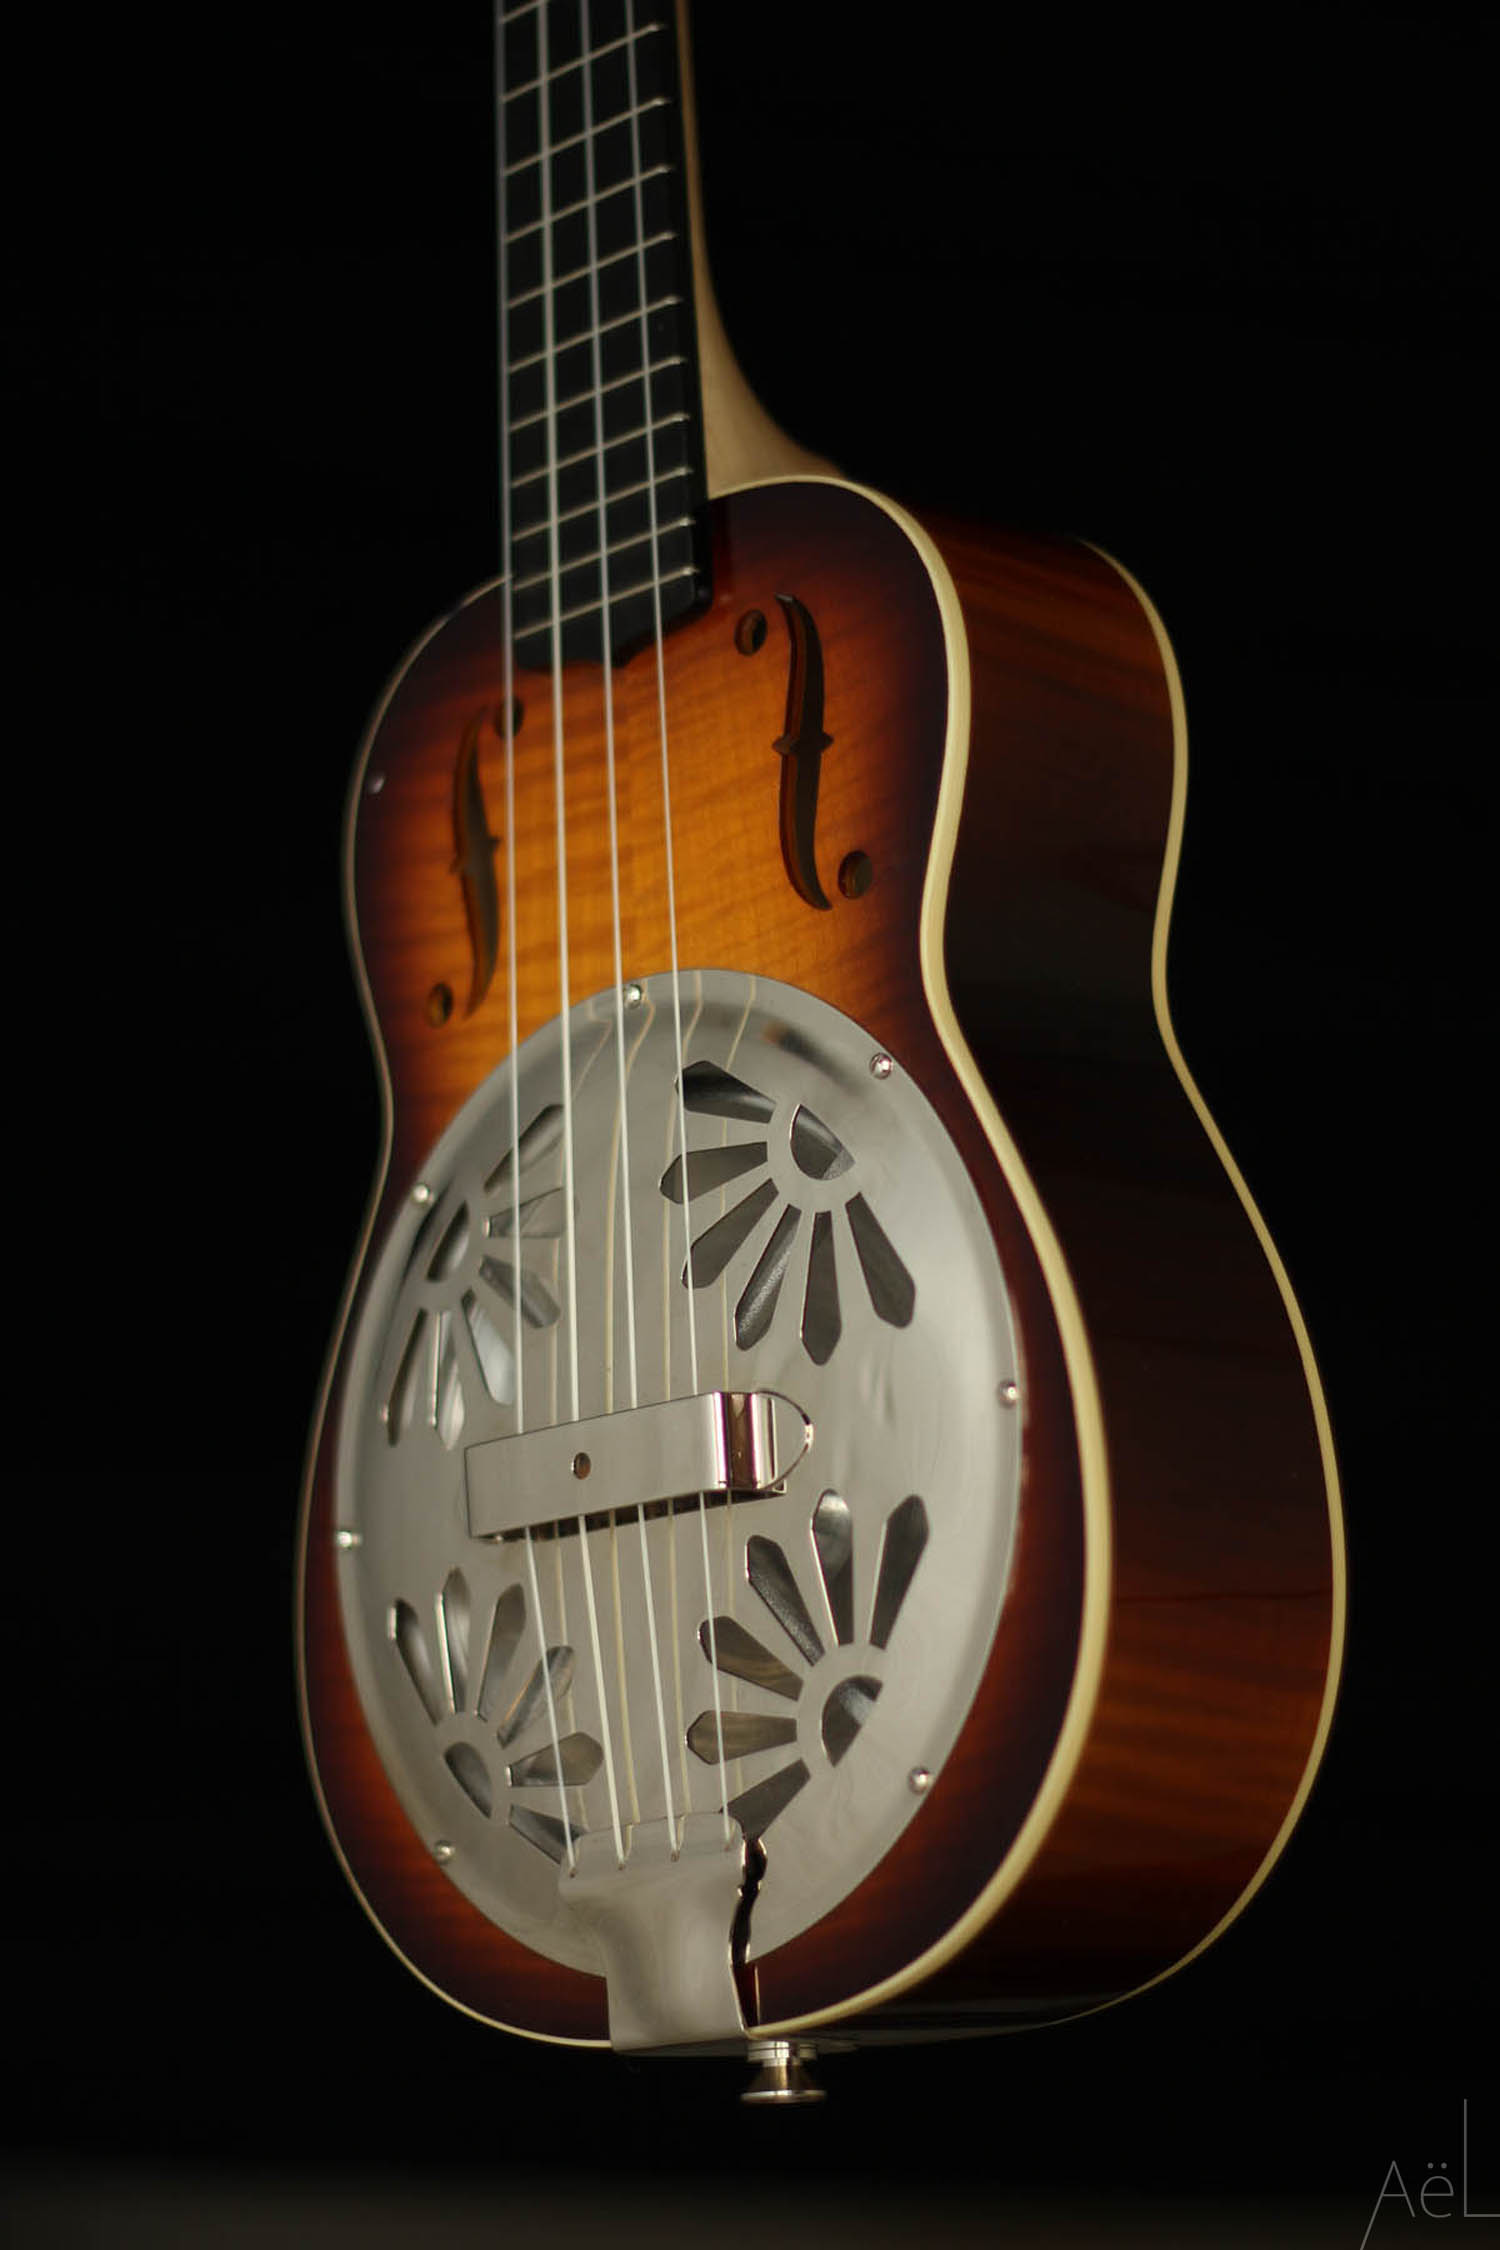 fine_resophonic_dobro_uke_ukulele_ael (4)